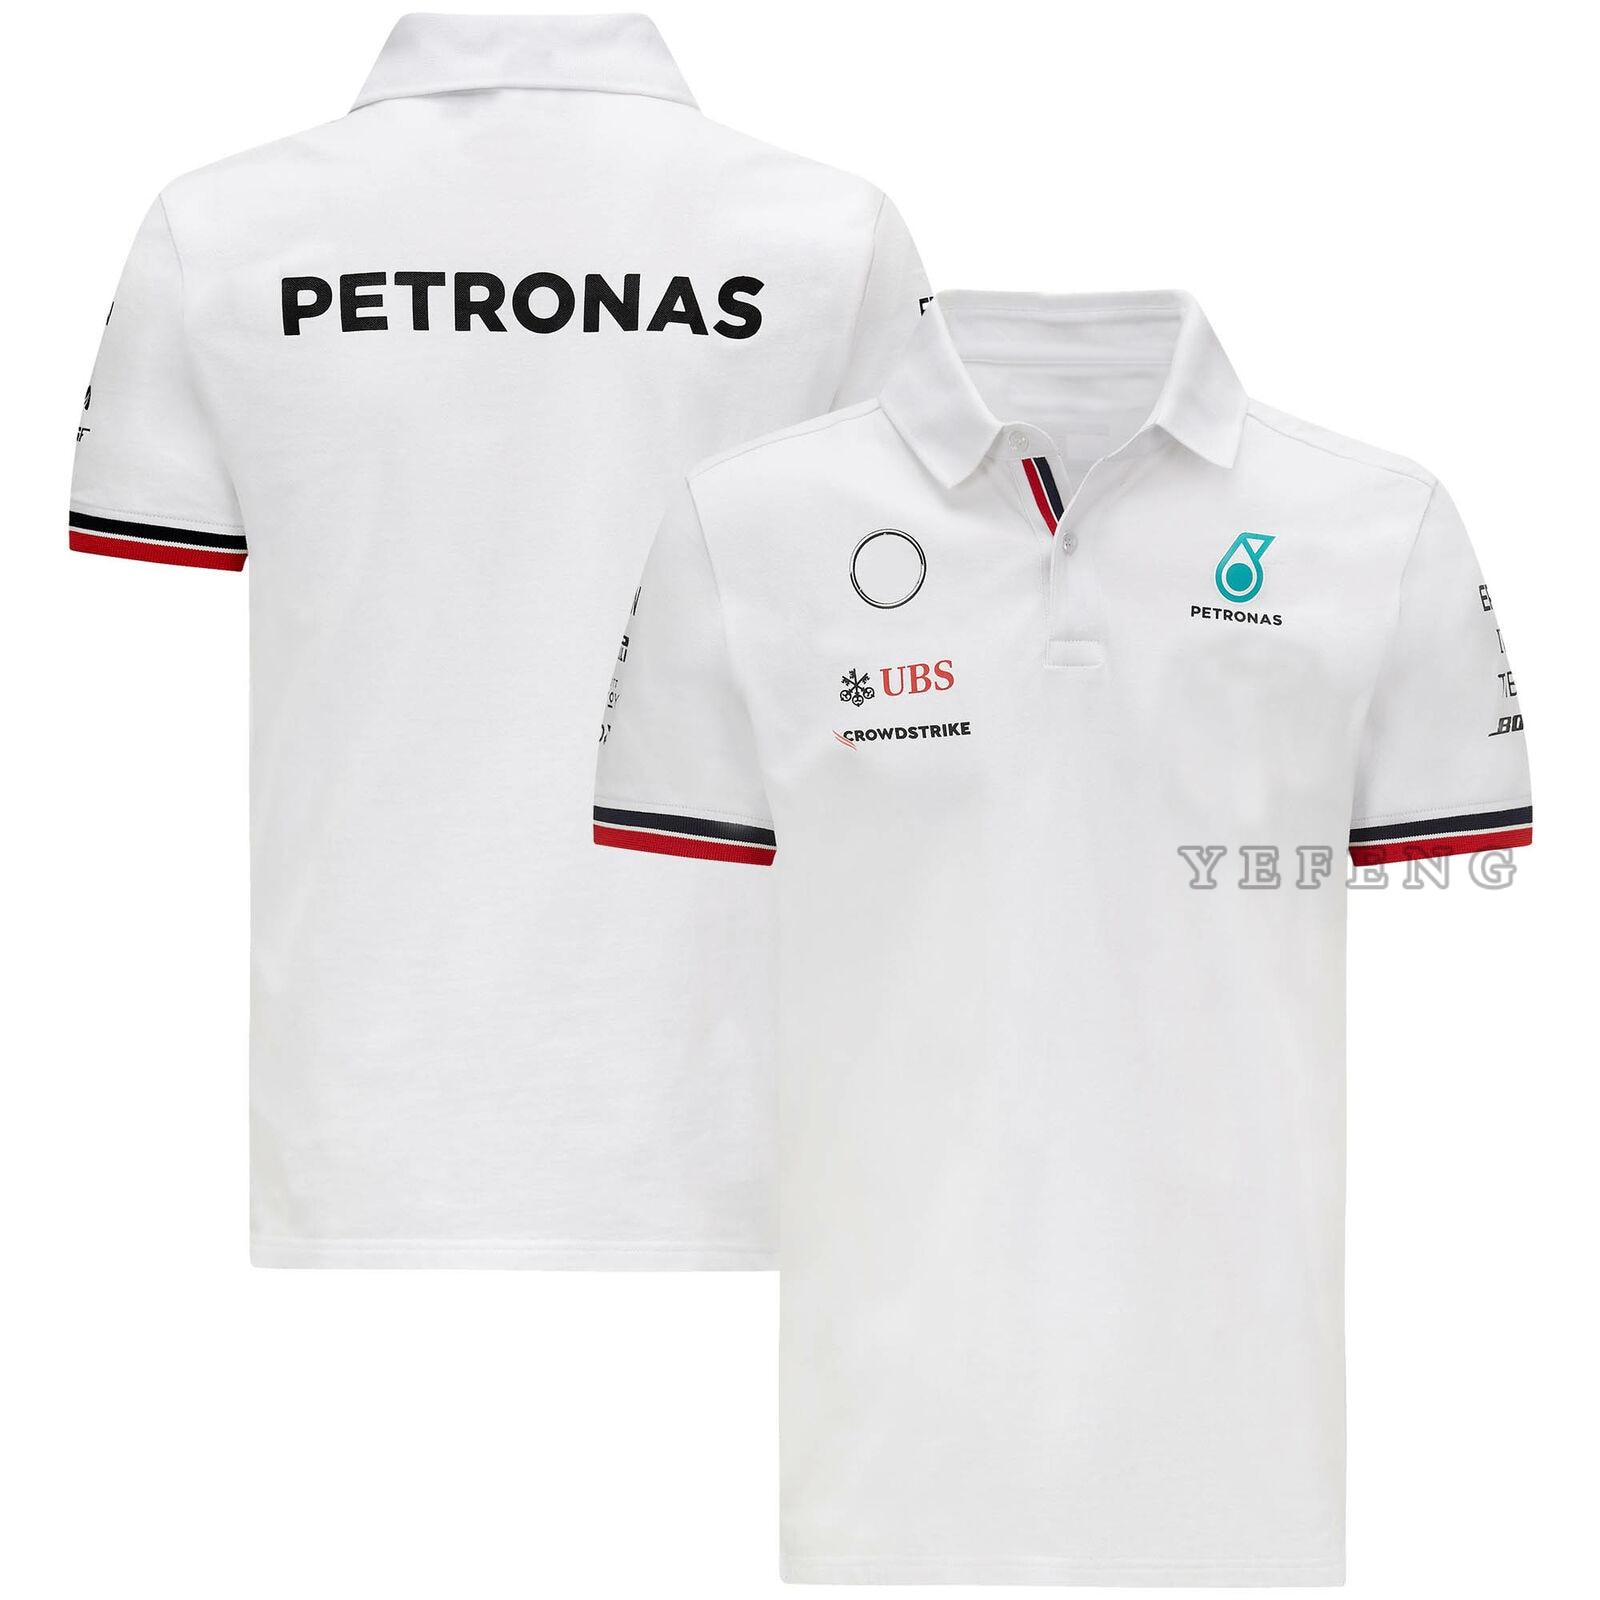 temporada-2021-solapa-de-polo-petronas-motorsport-f1-equipo-de-carreras-gp-los-hombres-transpirable-pantalon-corto-casual-camiseta-de-manga-verano-ventilador-del-coche